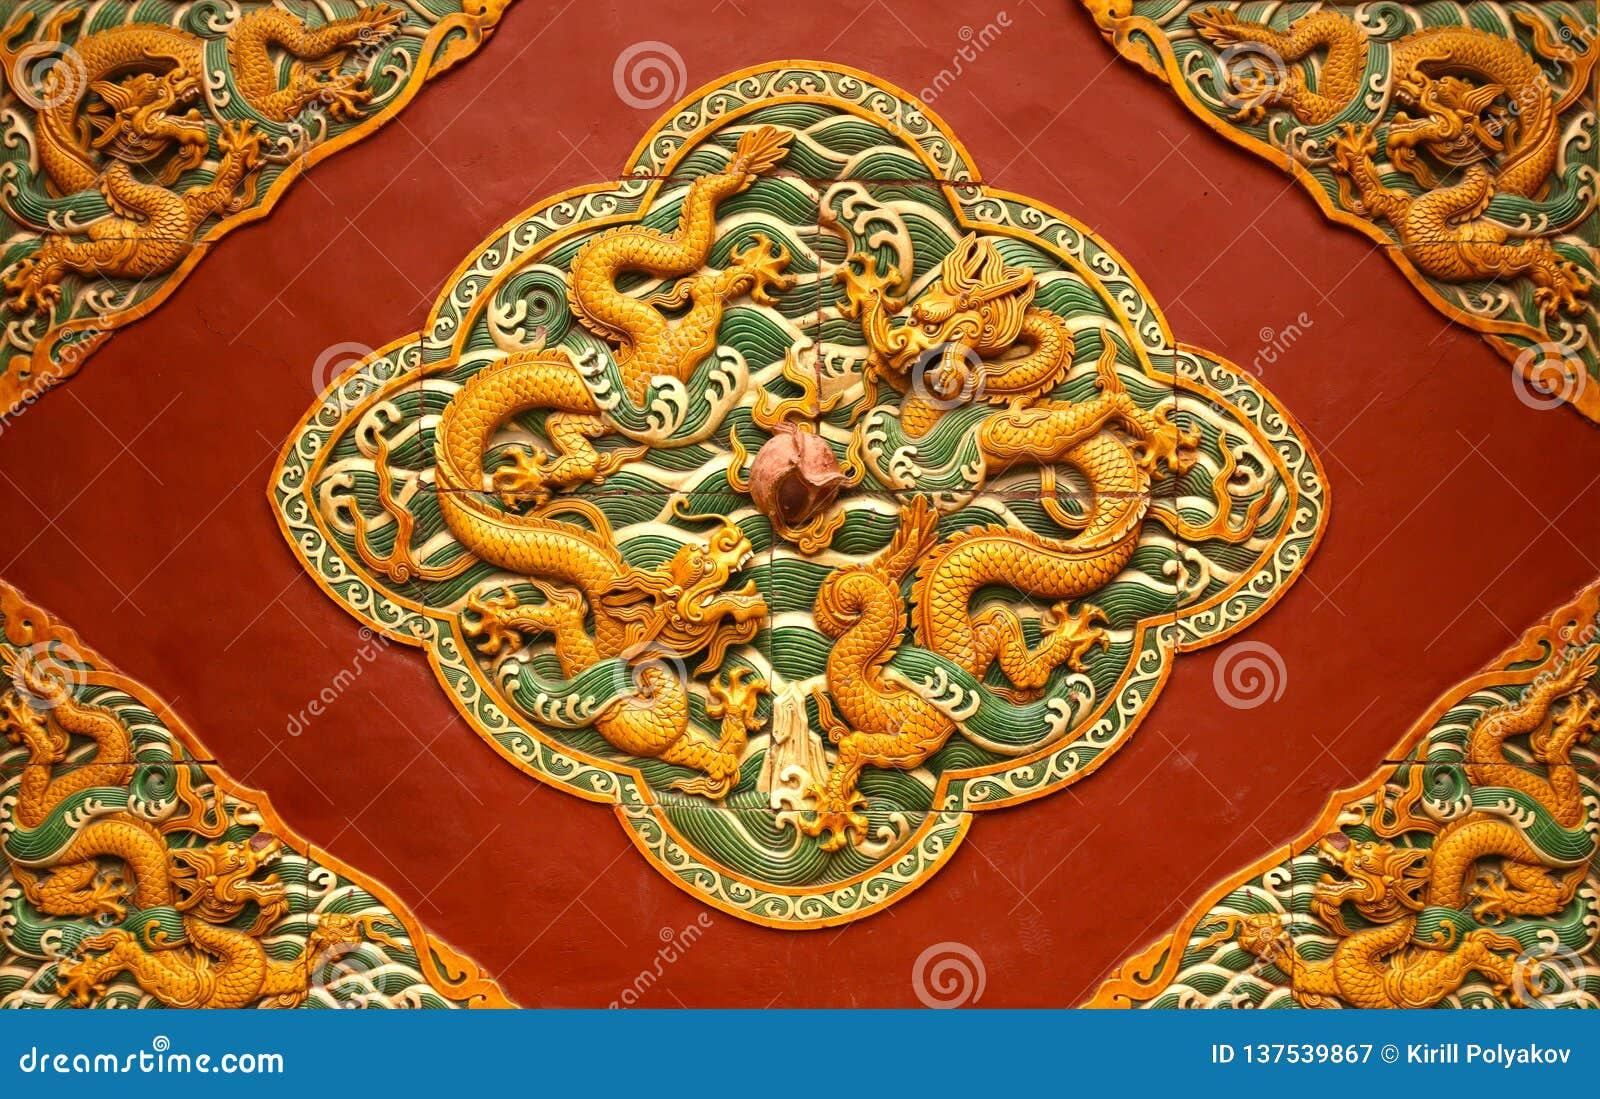 Lövsågsarbete i form av en drake på den röda väggen i Forbiddenet City Peking,